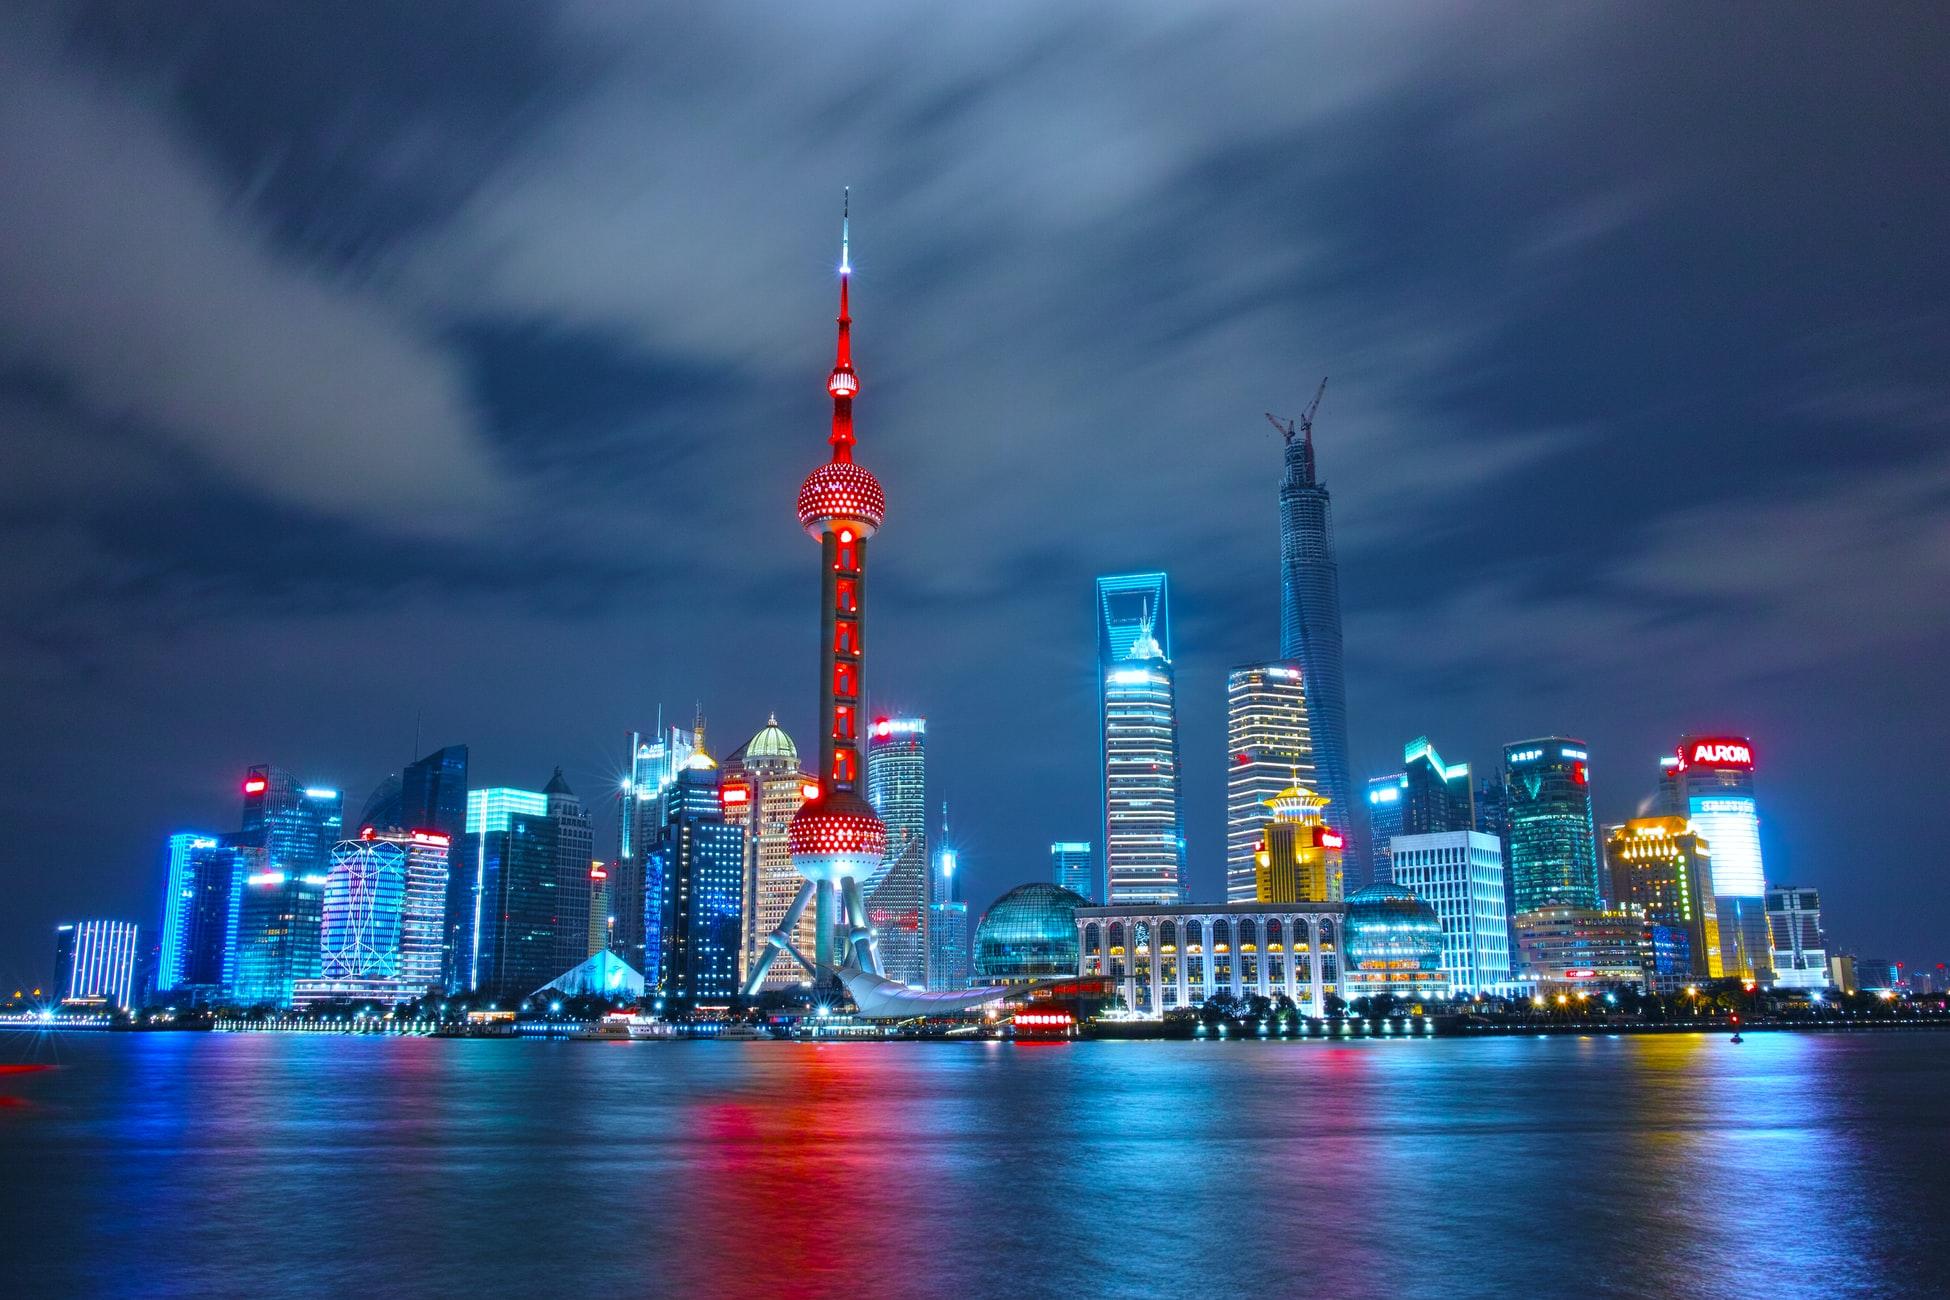 Répression des médias et des mineurs : L'intérêt du Bitcoin chute en Chine